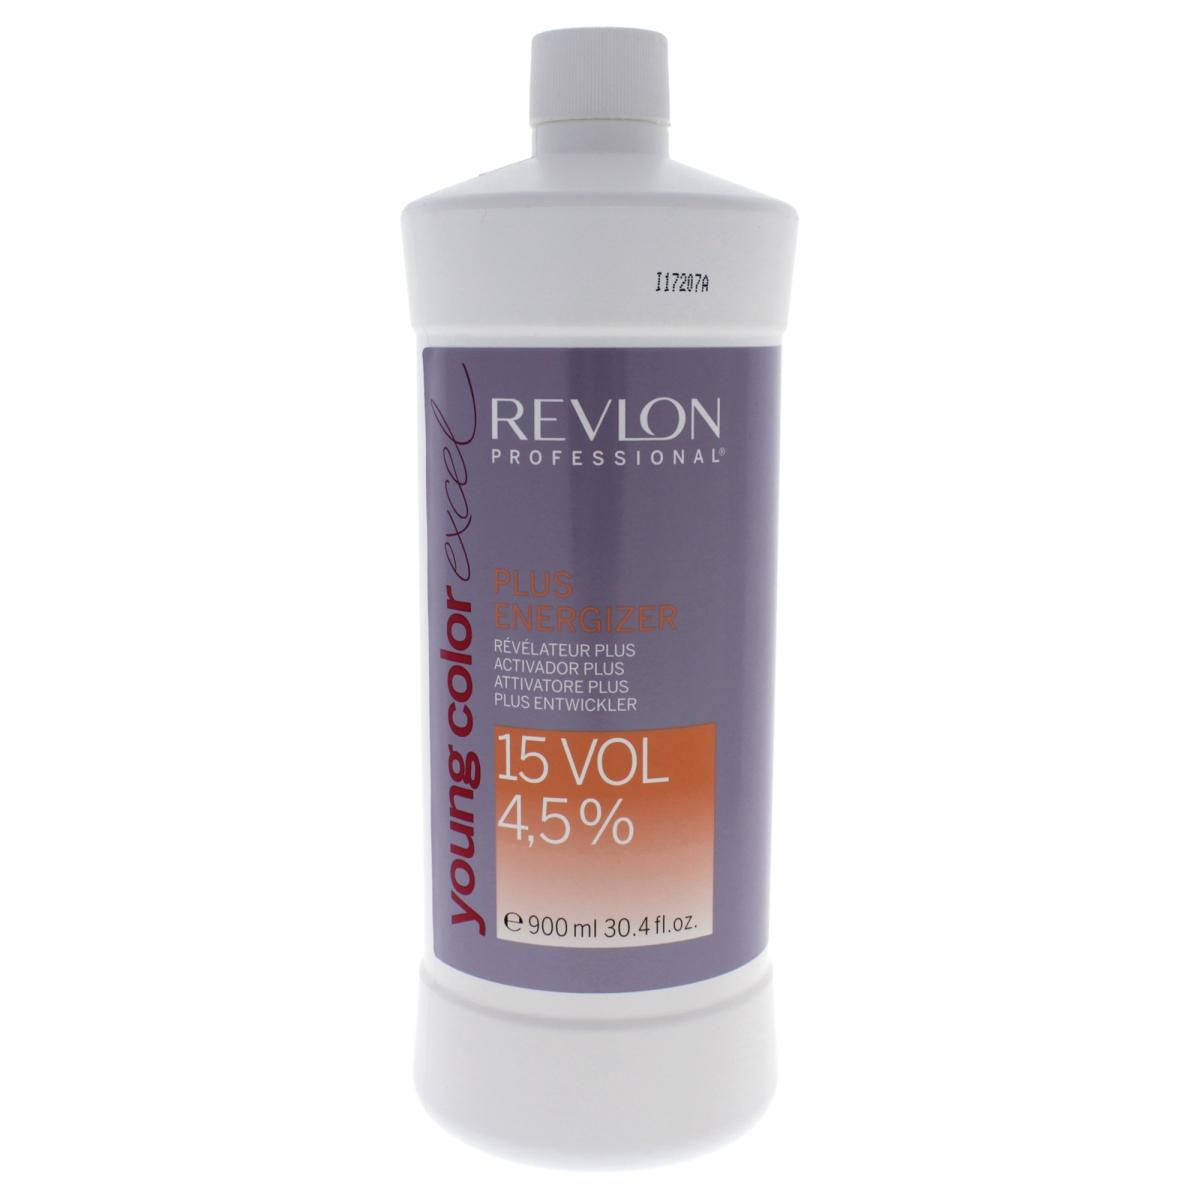 Revlon U-HC-11978 30.4 oz Young Color Excel Plus Energizer 15 Vol 4.5 percent for Unisex